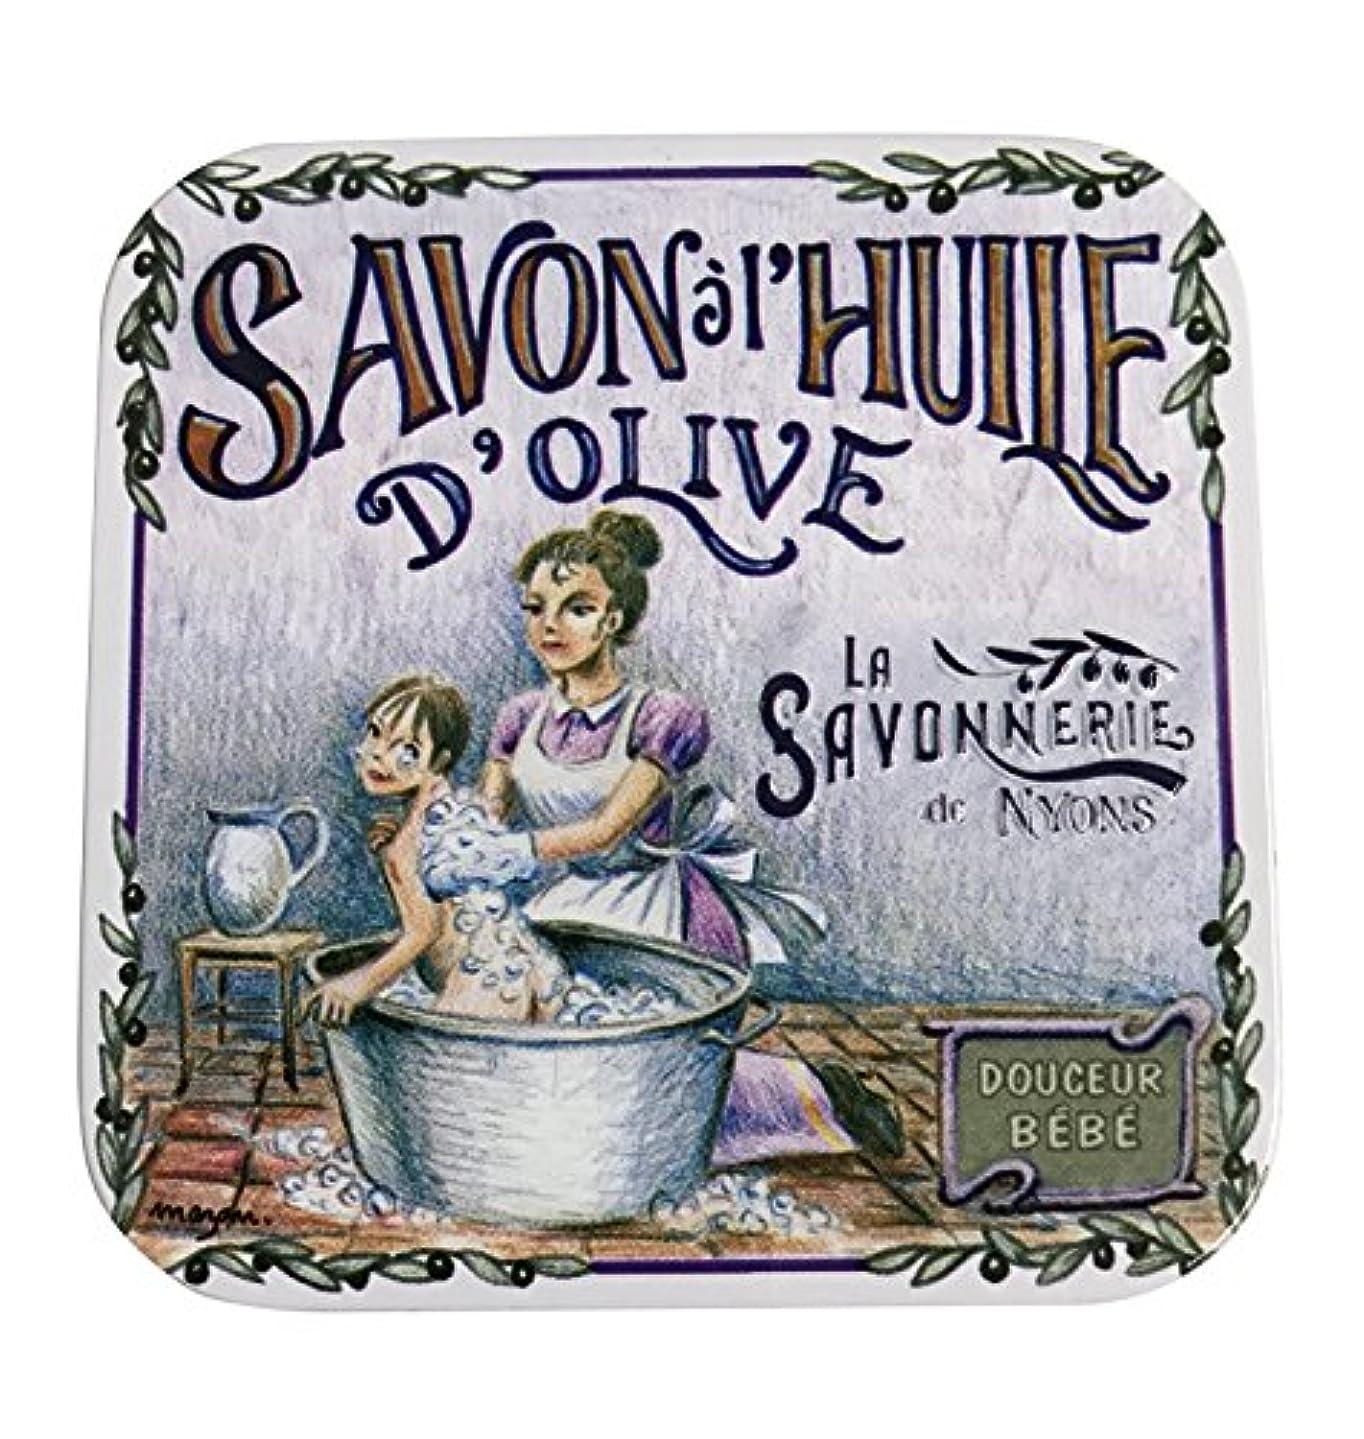 重量有用シェフラ?サボネリー アンティーク缶入り石鹸 タイプ100 ハウスワイフ(ローズ)